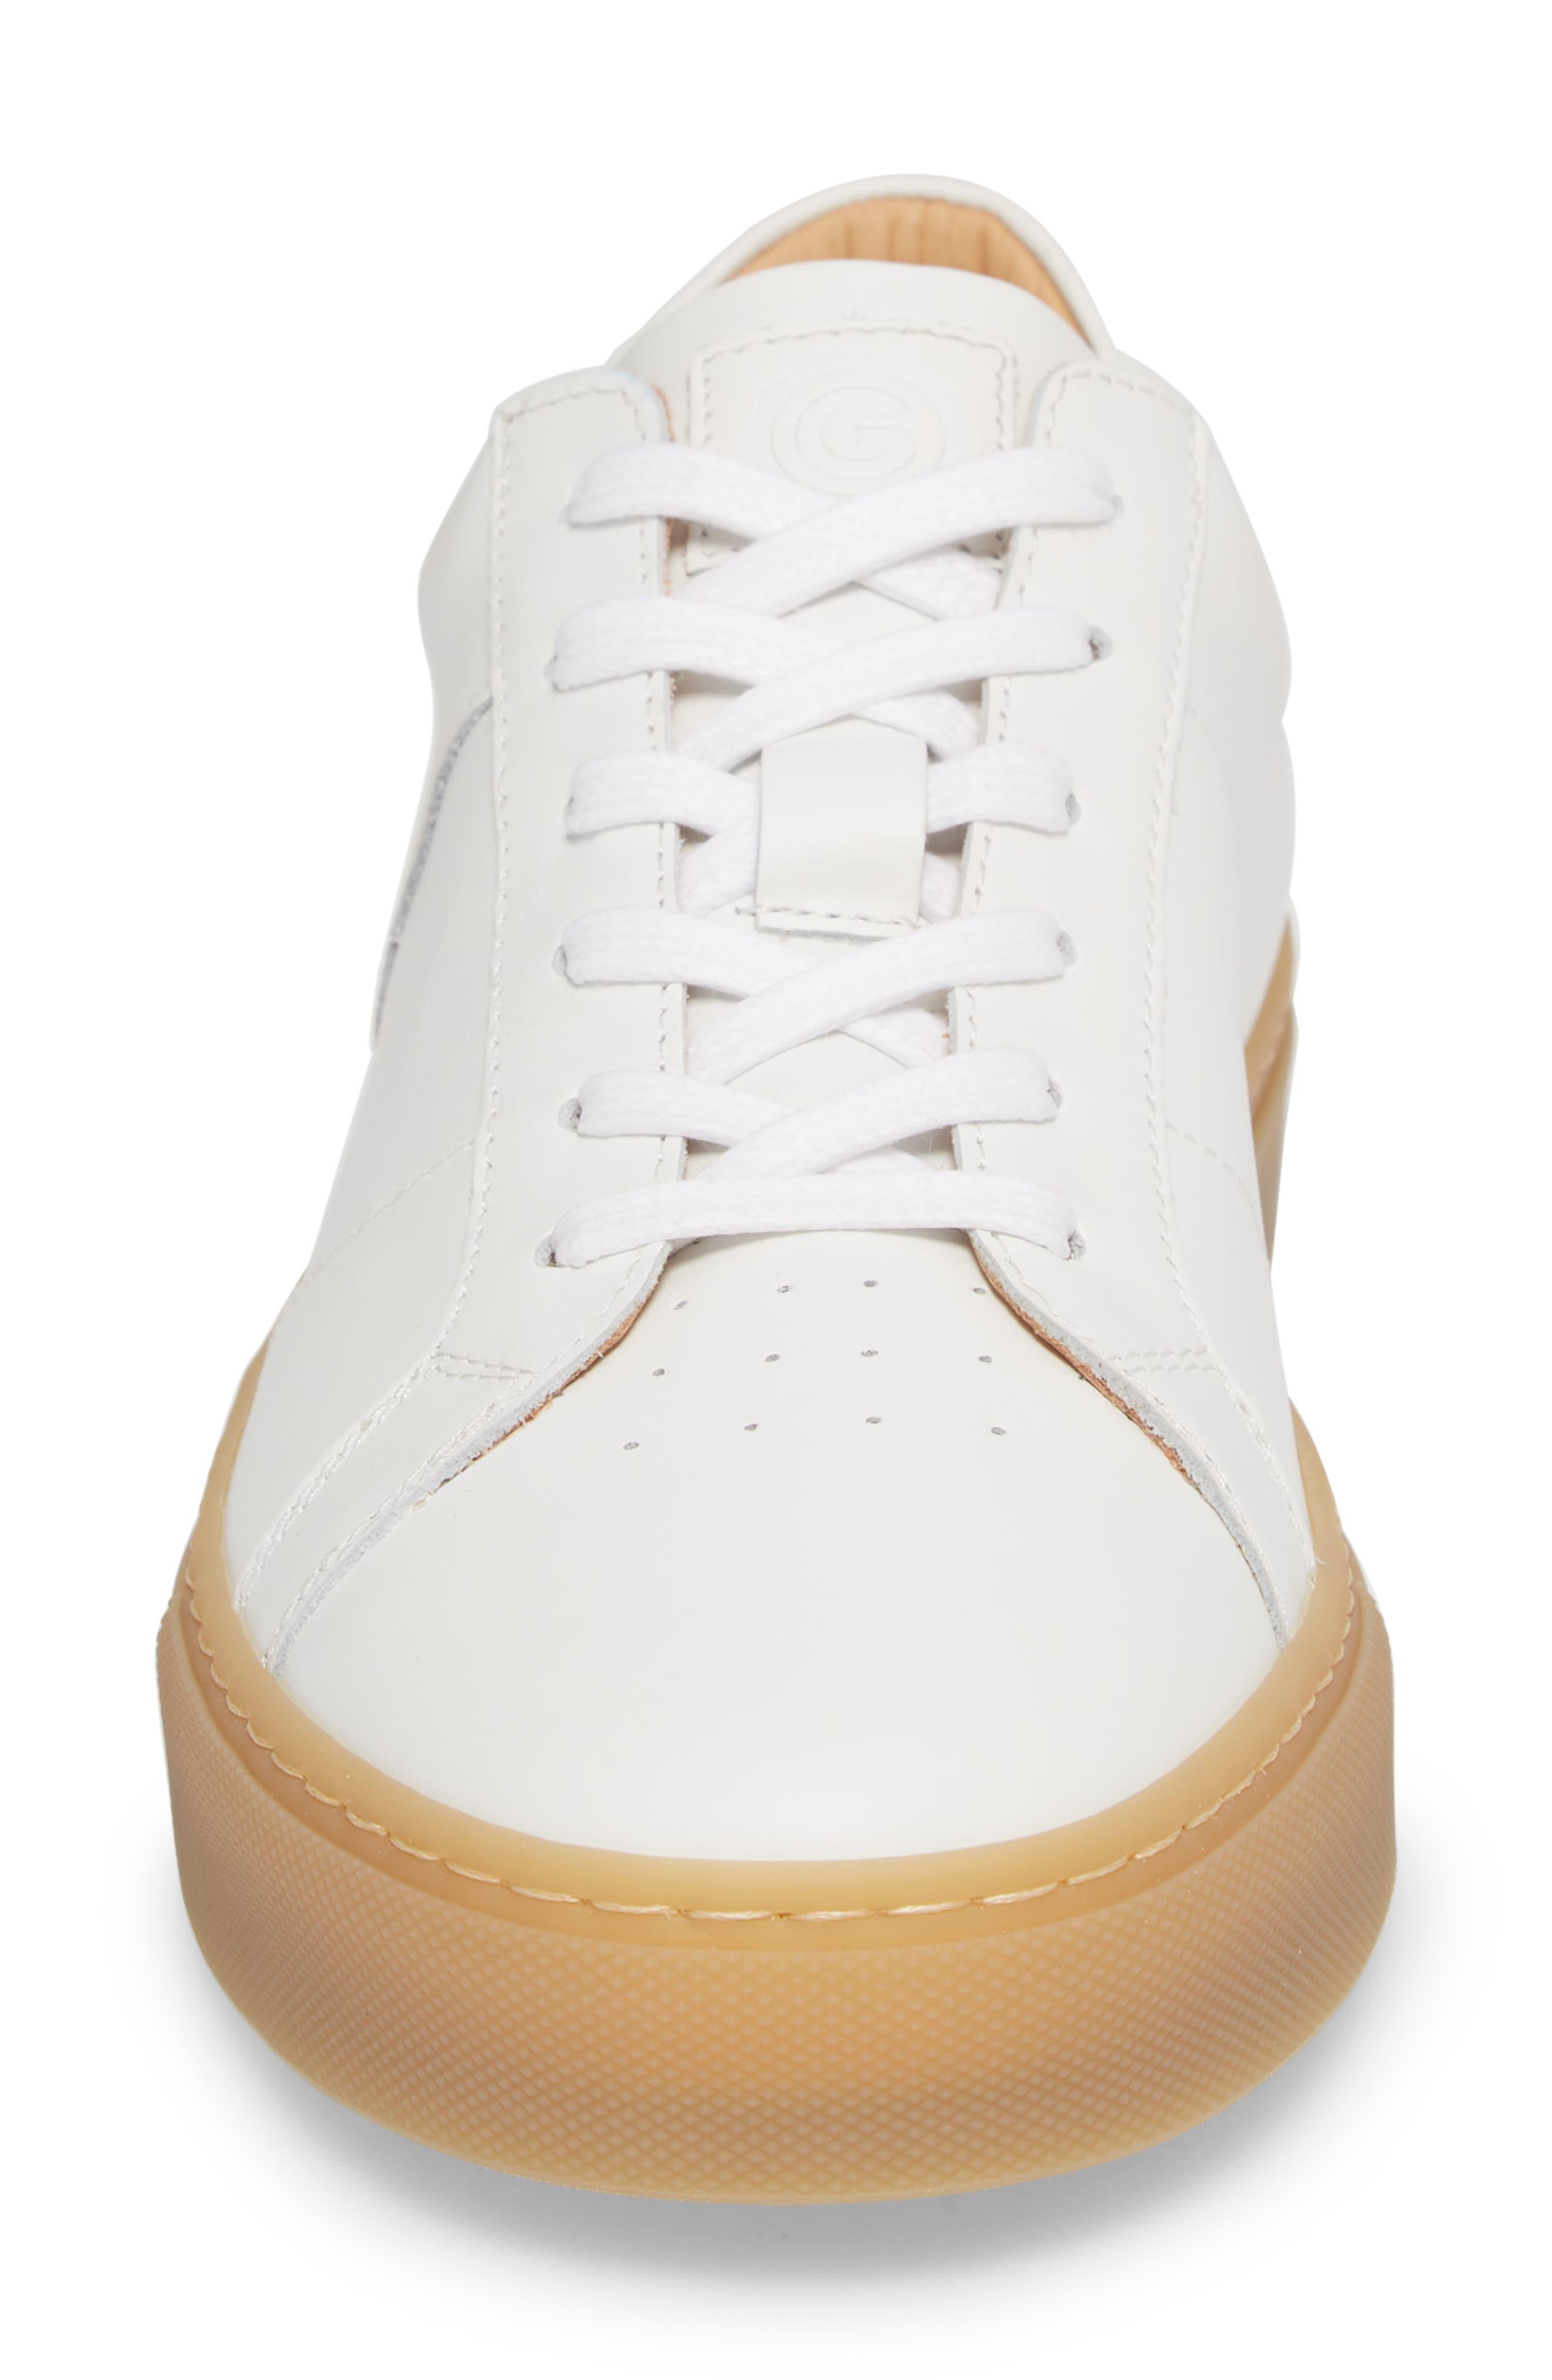 Royale Reverse Sneaker,                             Alternate thumbnail 4, color,                             White/ Gum